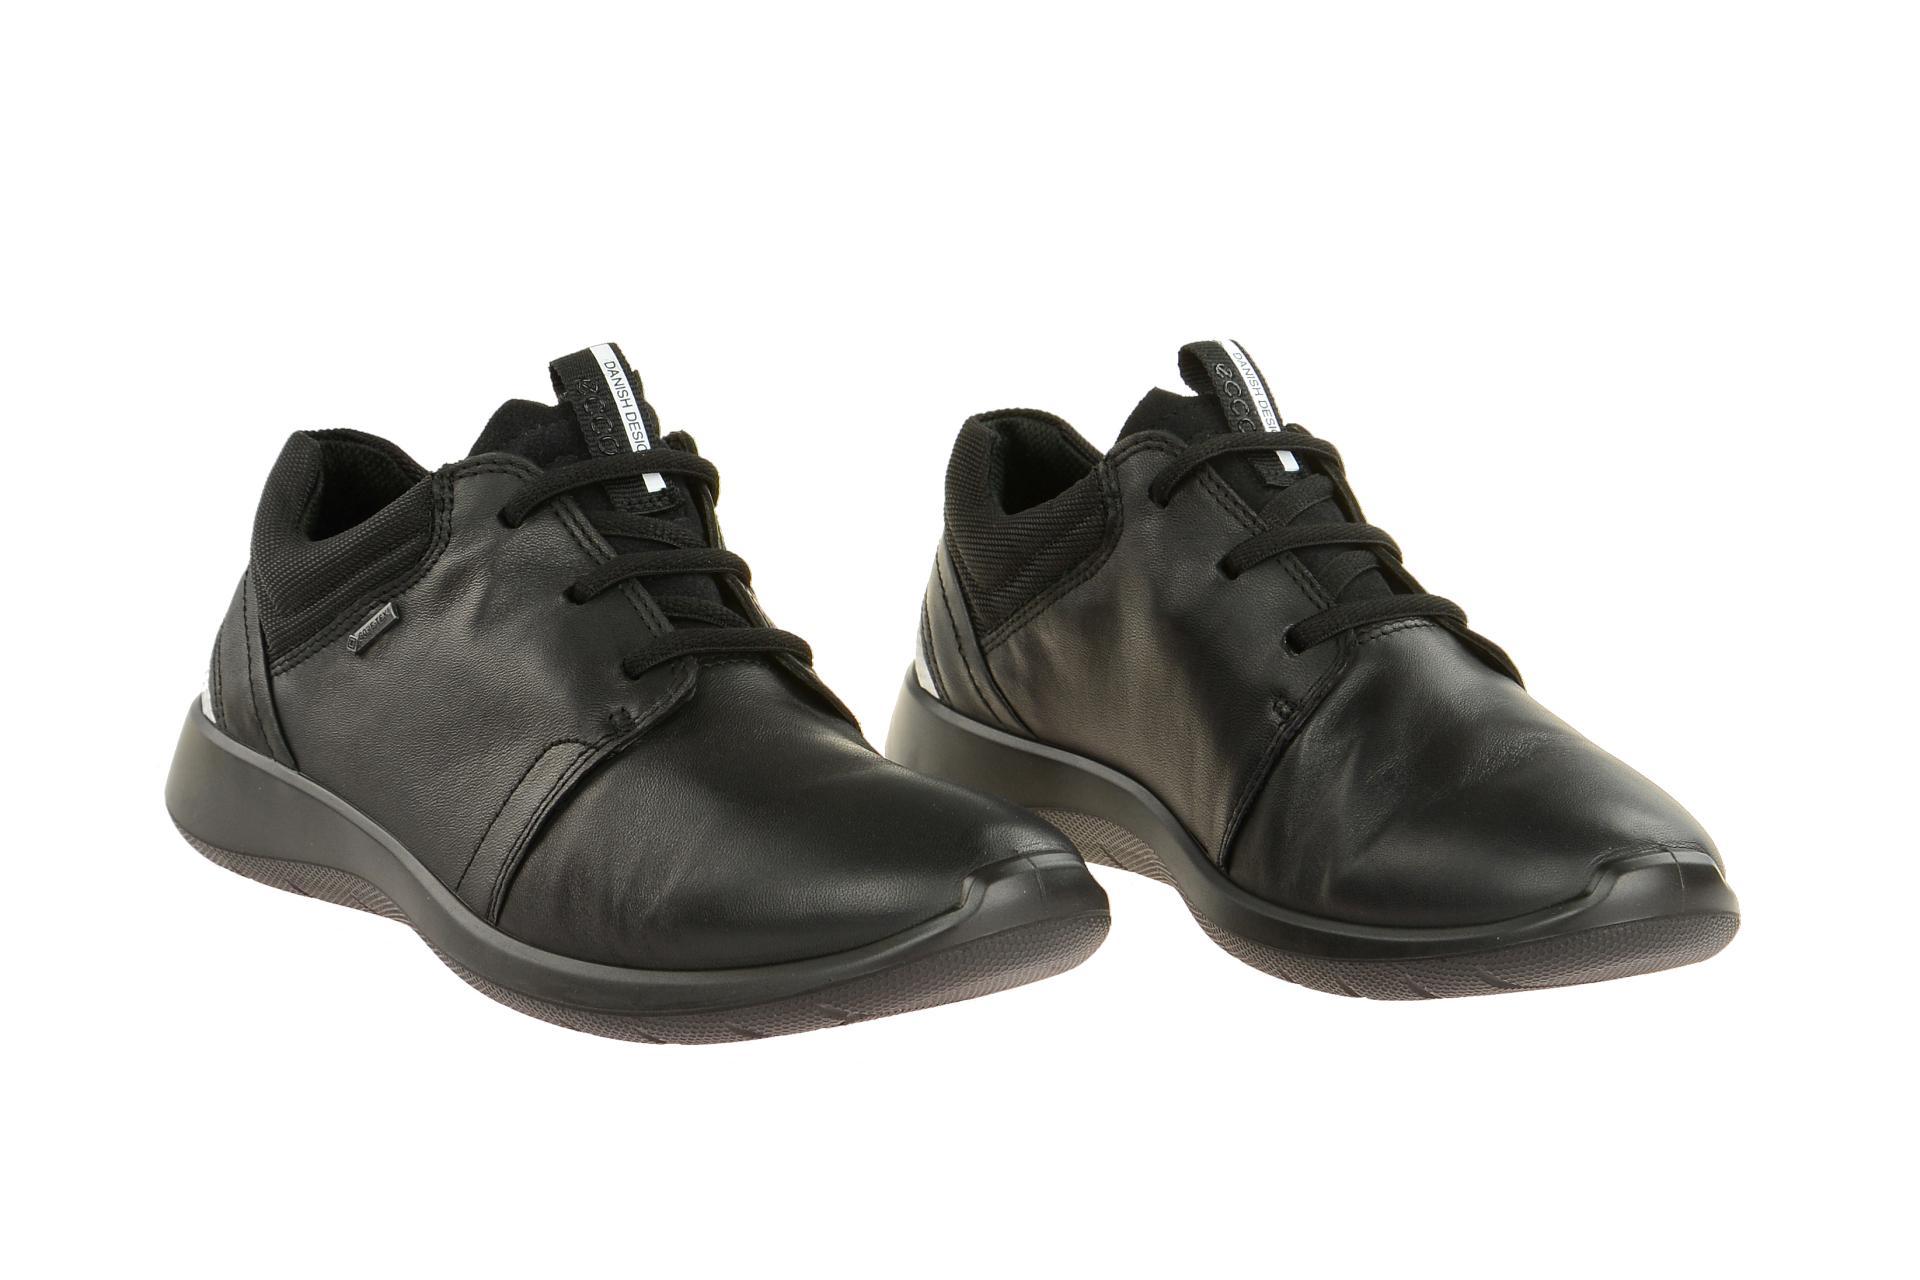 490342c53b0c10 Ecco Schuhe SOFT 5 schwarz Damenschuhe Halbschuhe 28313301001 NEU